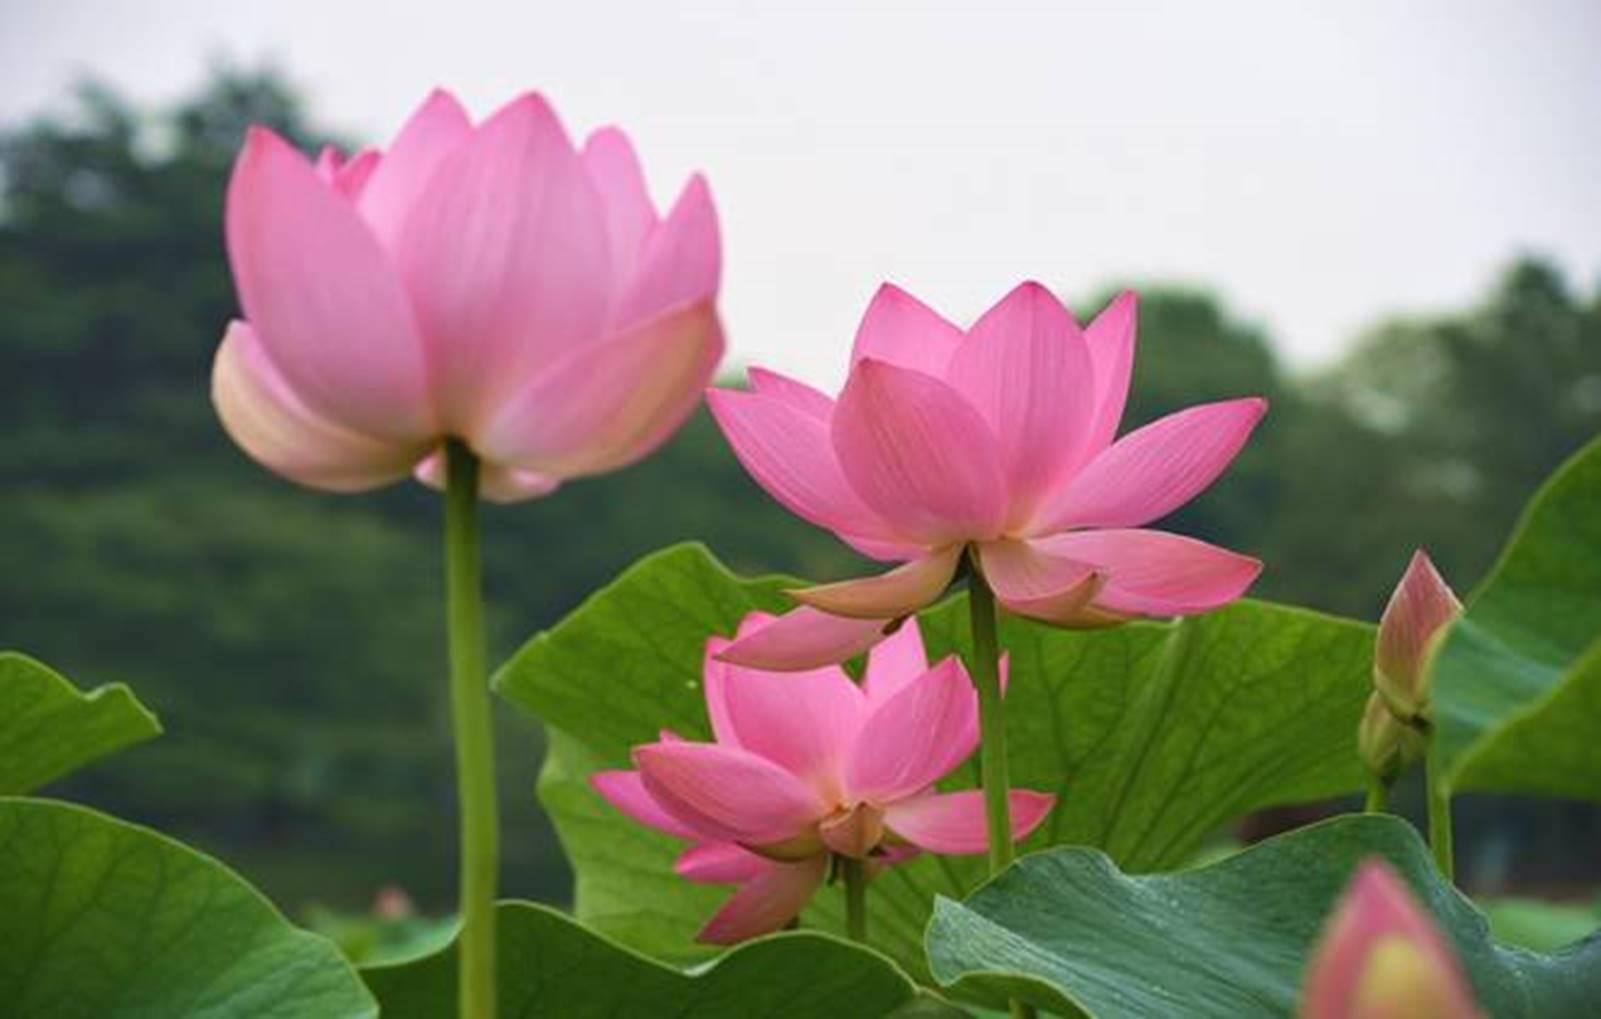 6月の花に咲く花の5 千葉市観光協会公式サイト千葉市観光ガイド